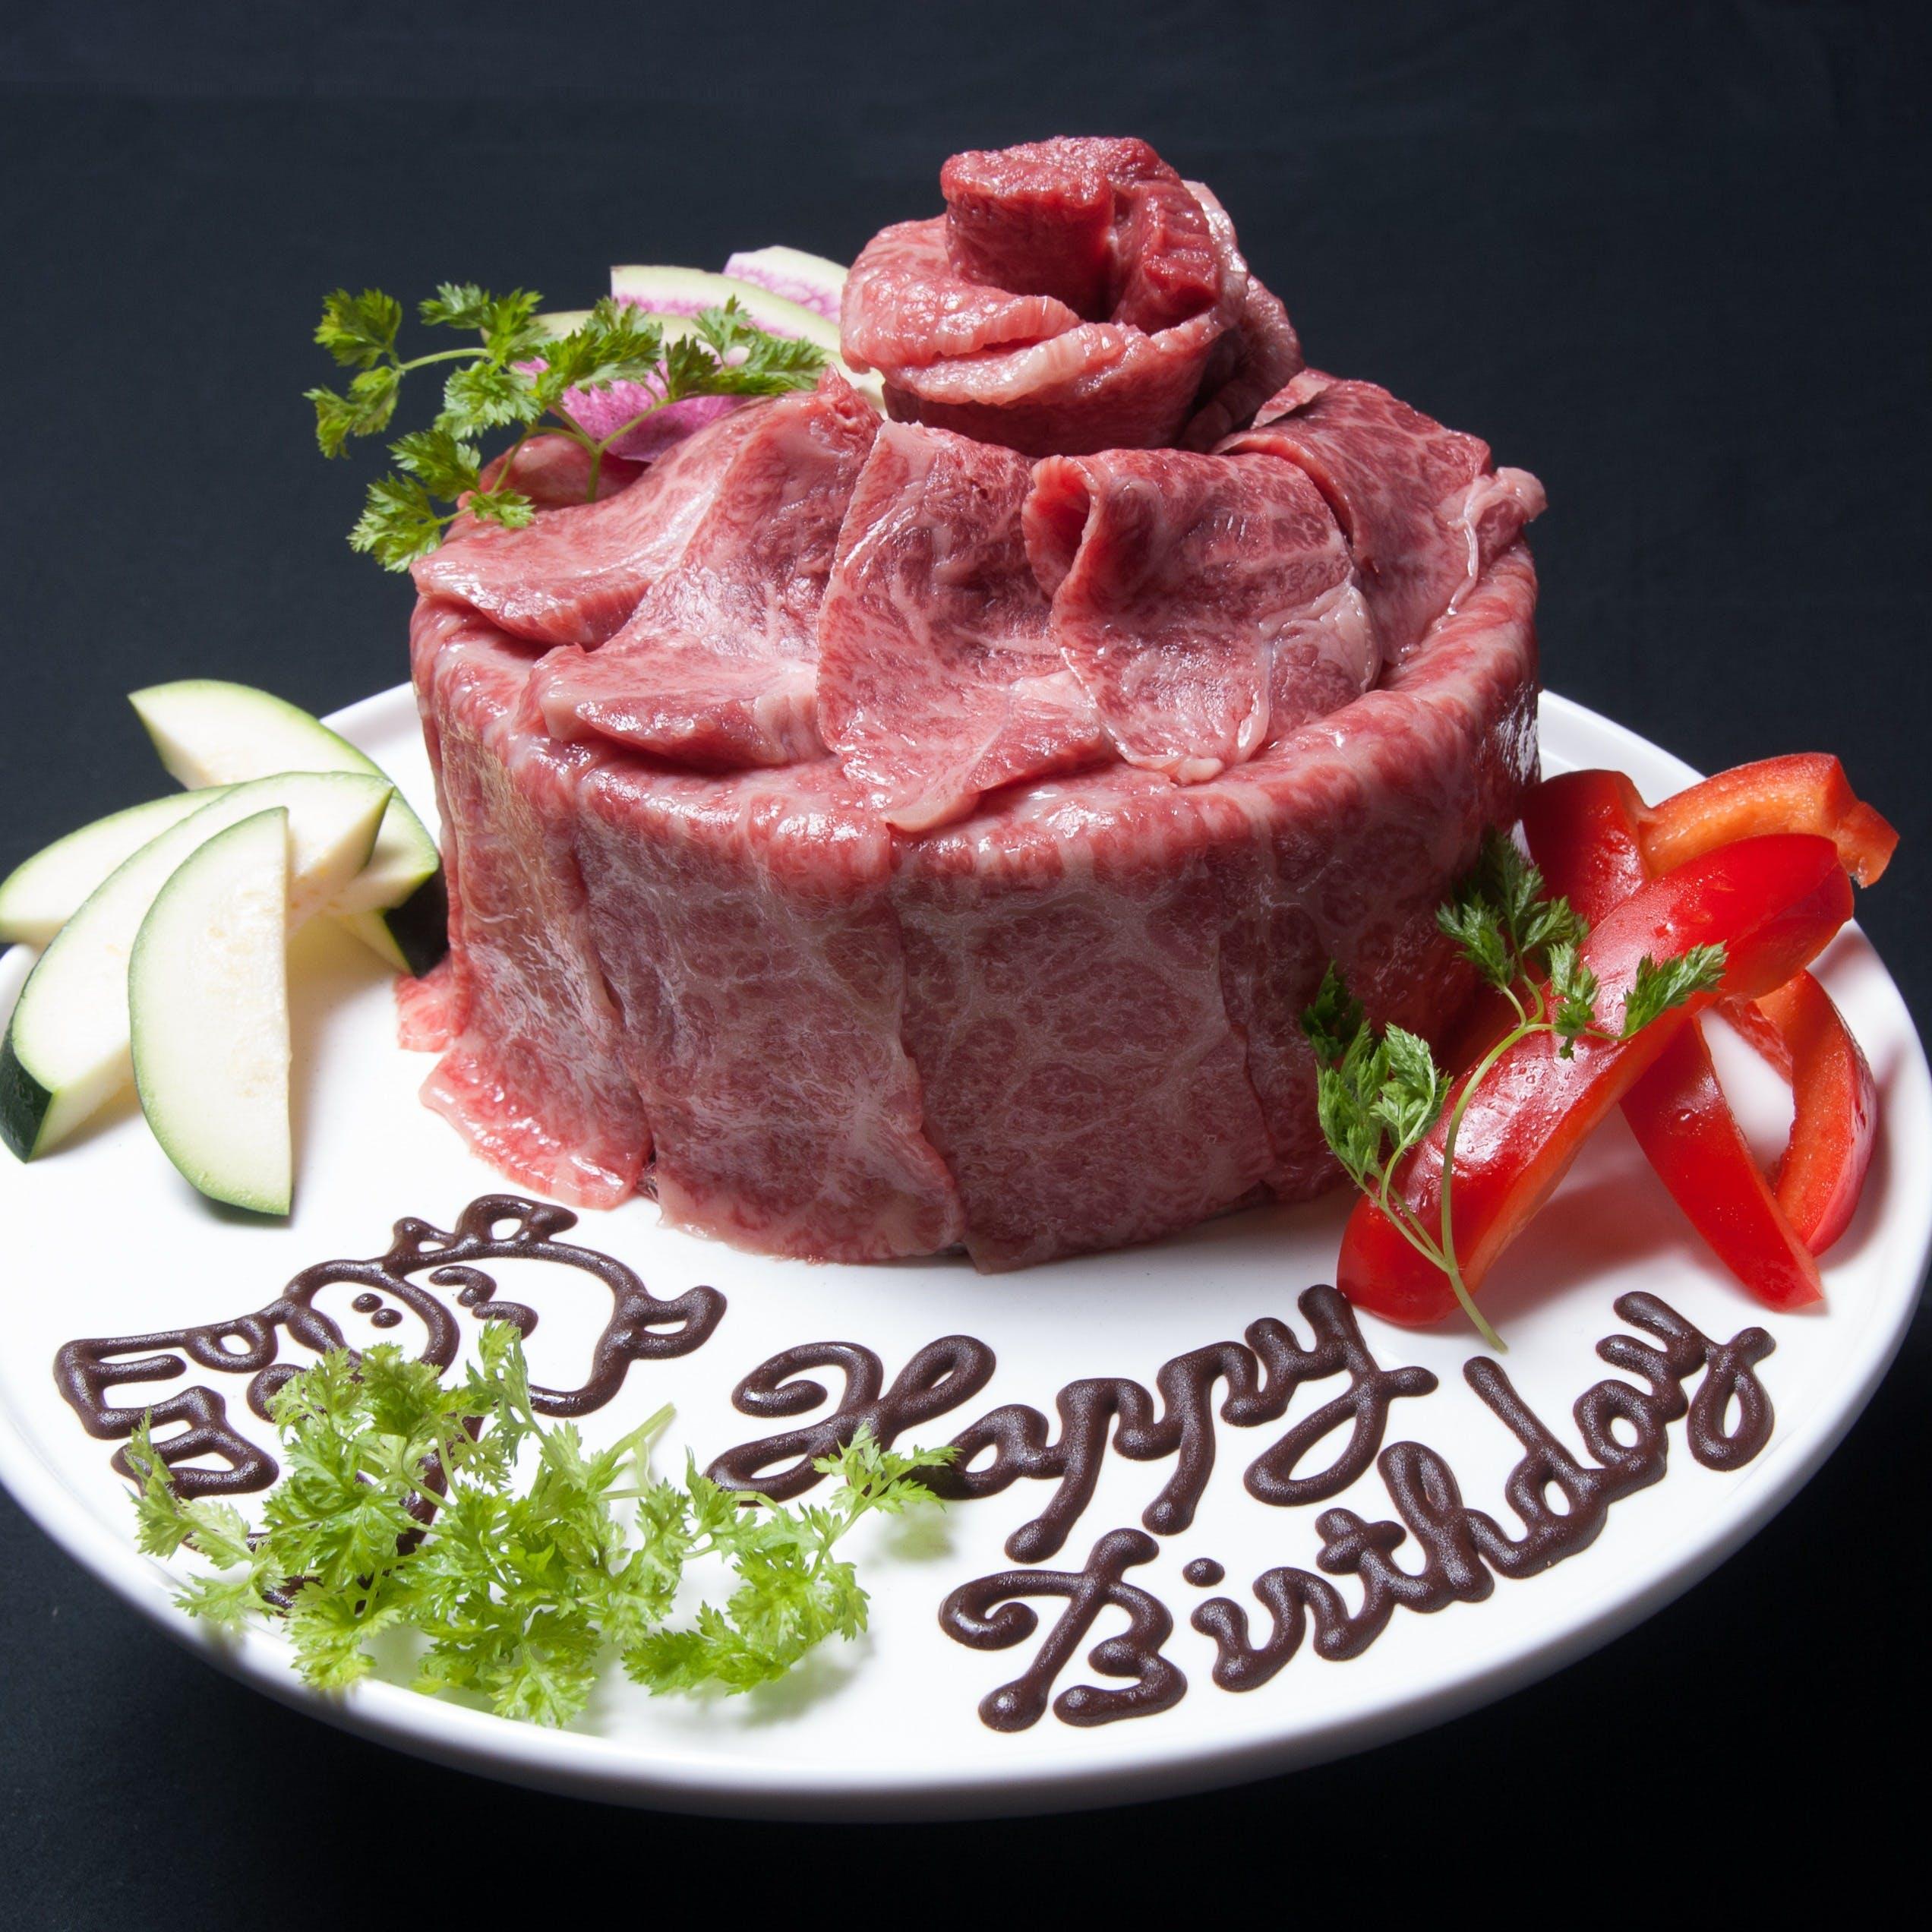 【サプライズ肉ケーキ】メッセージ付き肉ケーキをご用意いたします